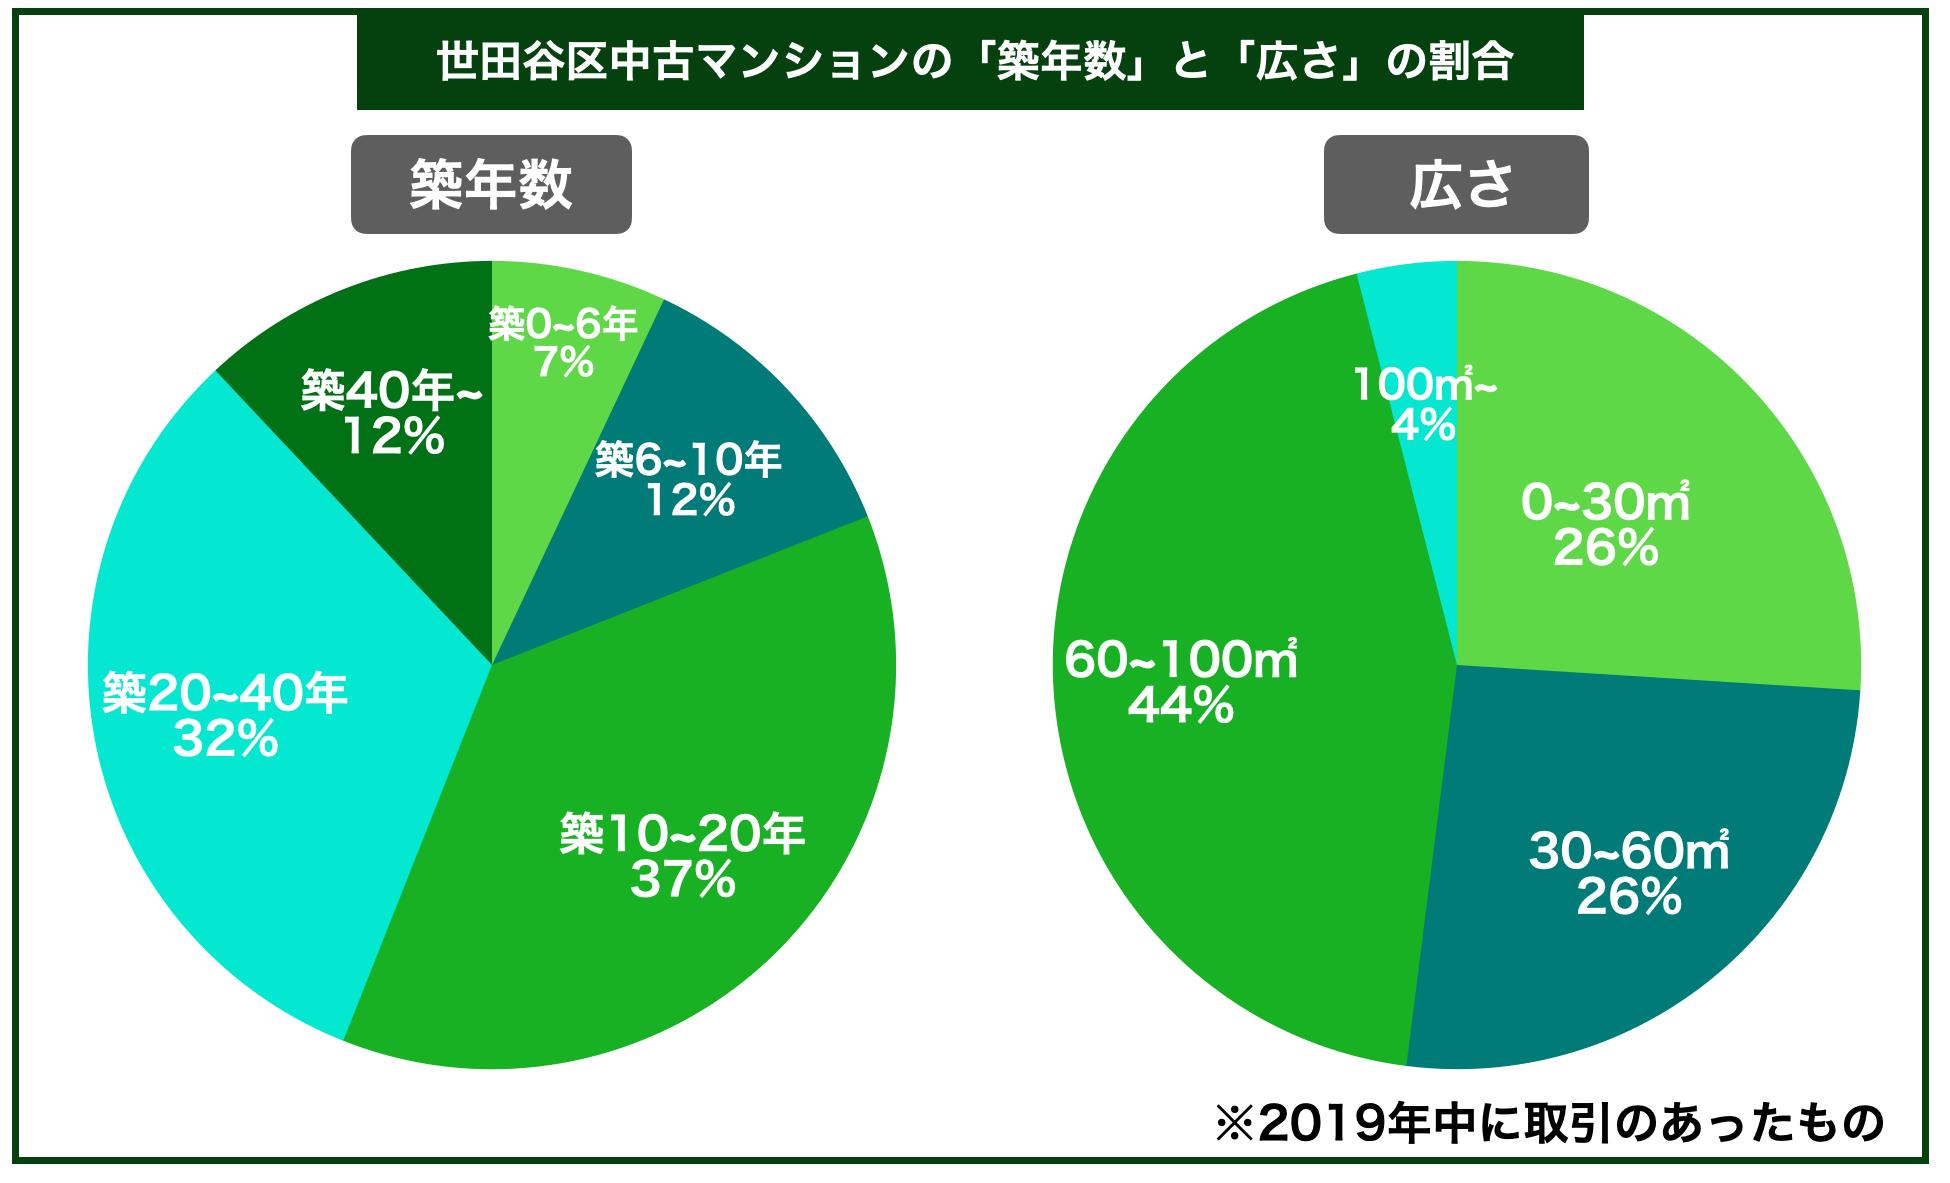 世田谷区中古マンション築年数広さ割合